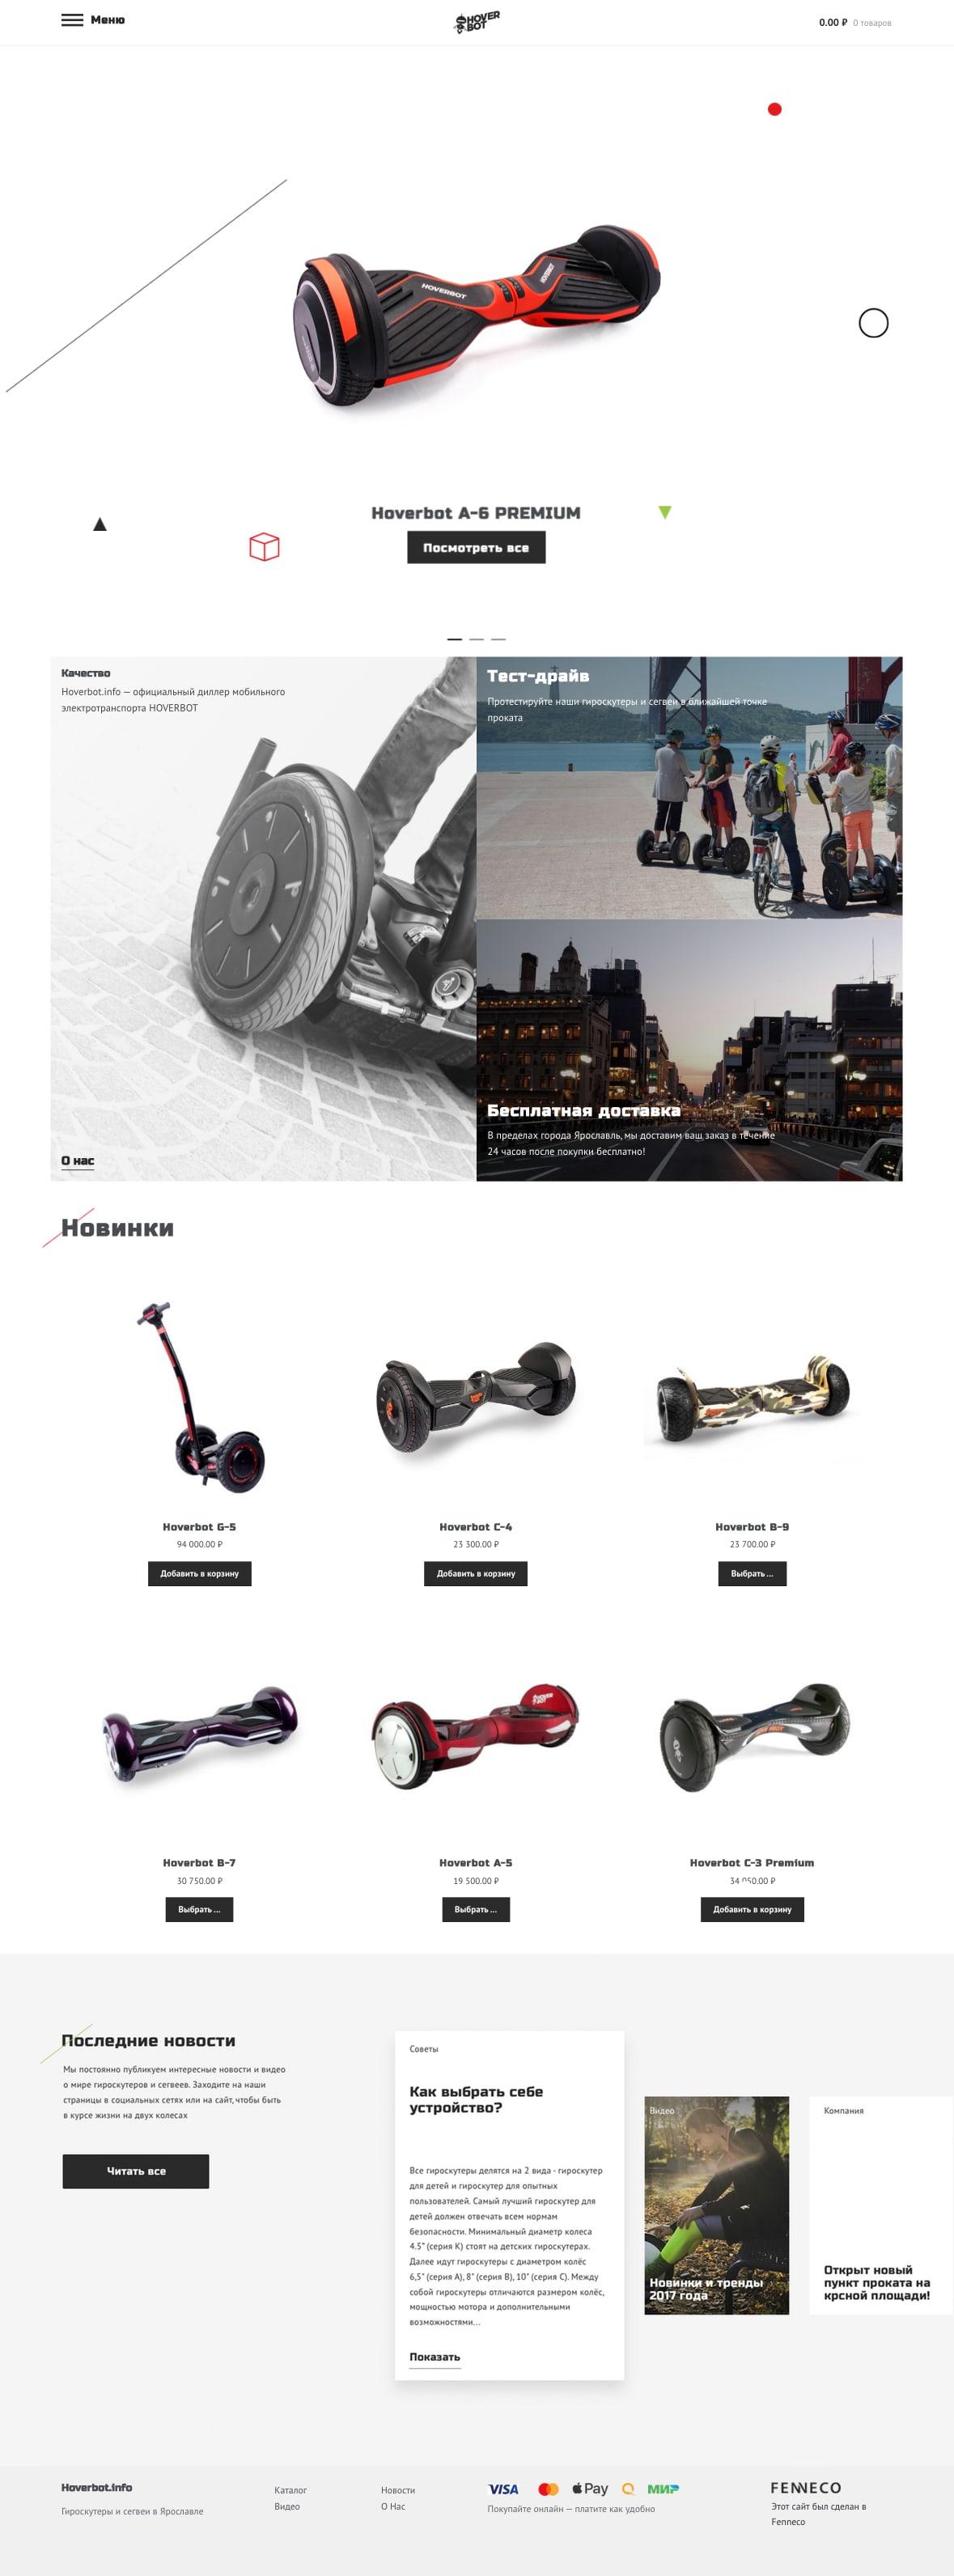 Интернет-магазин Hoverbot.info был сделан в Fenneco